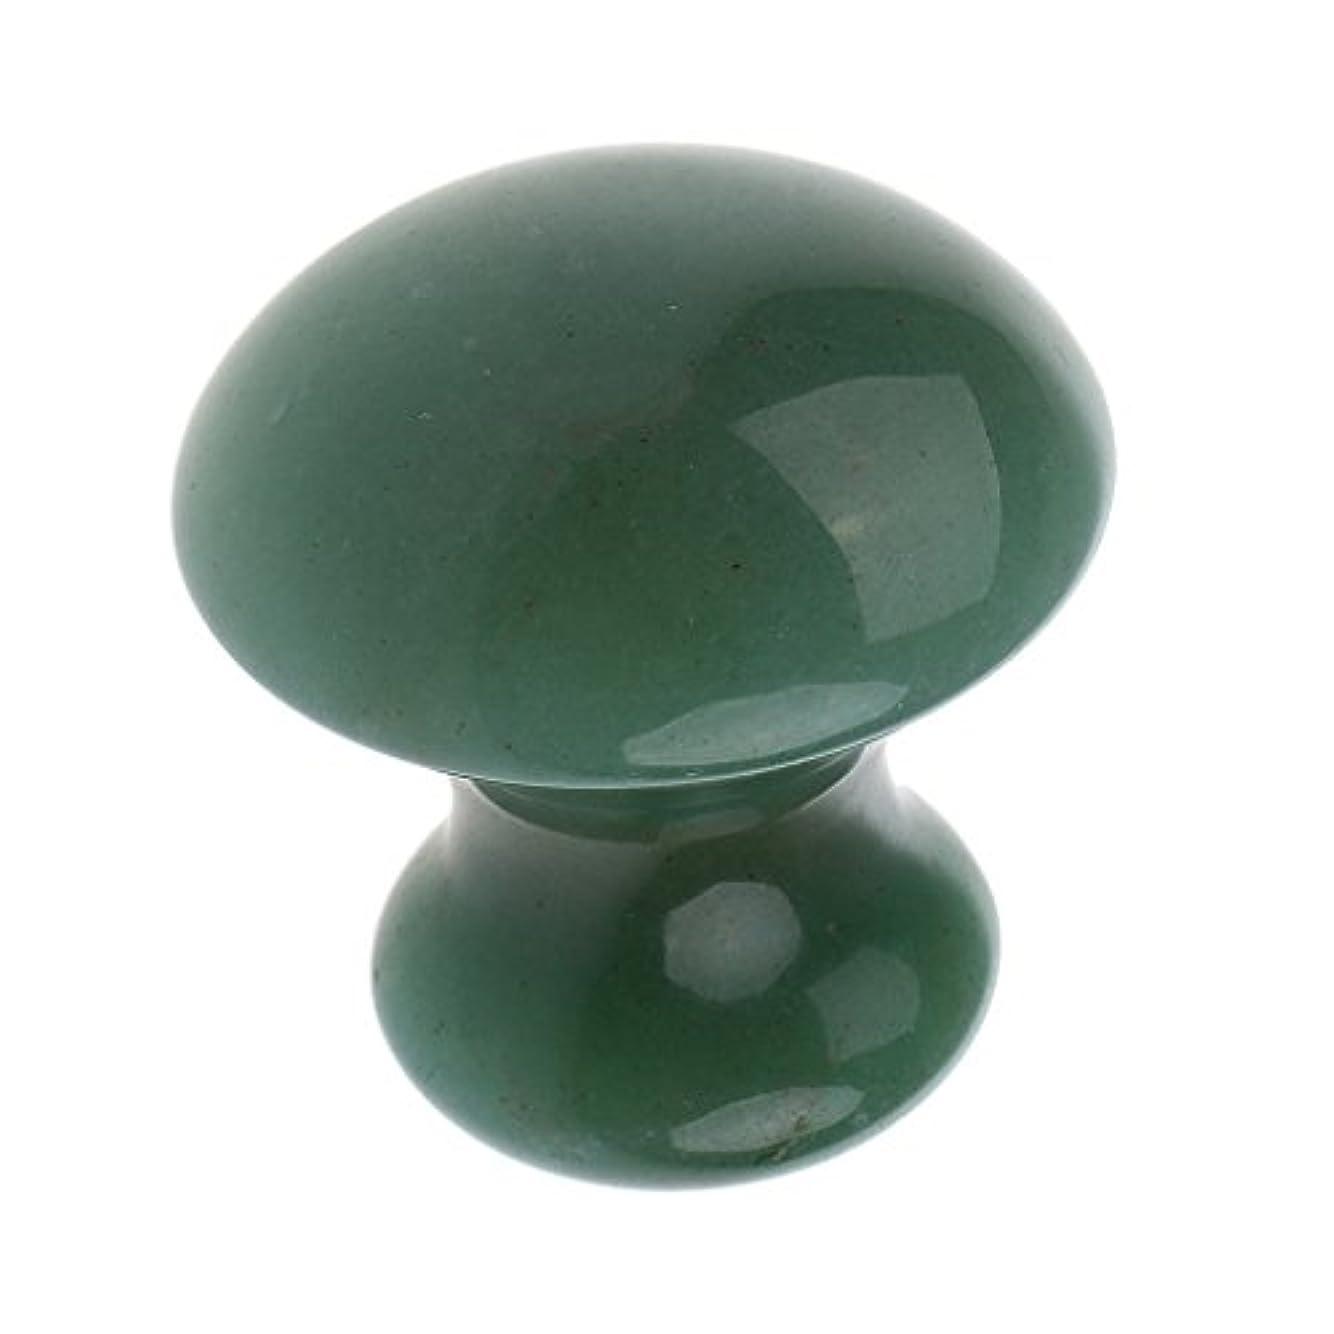 ちらつき補足ドリルBaoblaze マッサージストーン マッシュルーム スパ SPA ストーン スキンケア リラックス 2色選べる - 緑